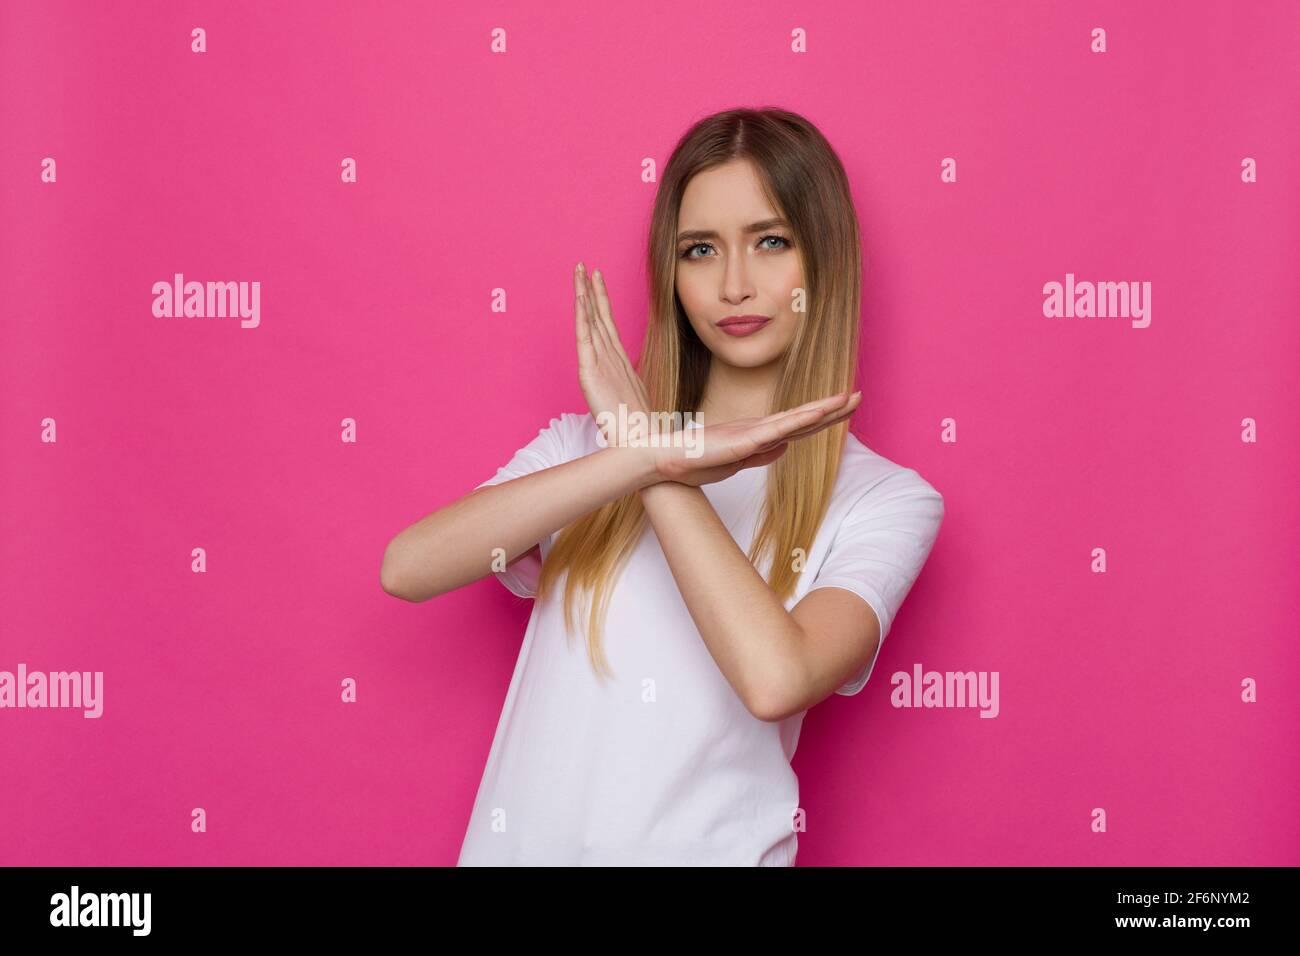 La jeune femme confiante ne montre AUCUN signe avec les mains croisées. Taille haute studio tourné sur fond rose. Banque D'Images